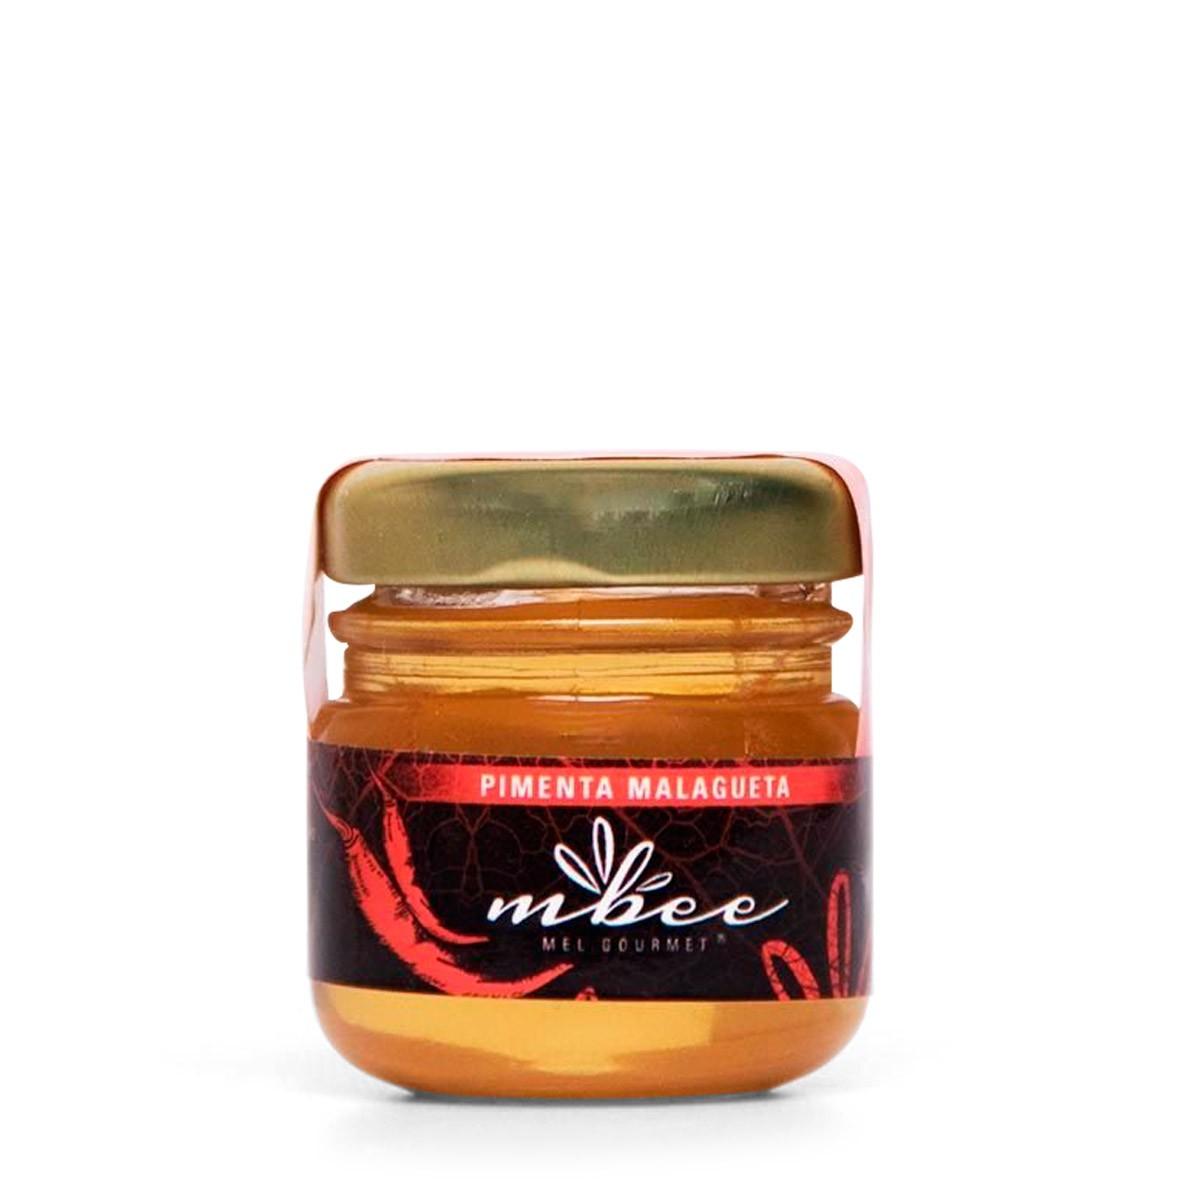 Mel Pimenta Malagueta Aromas e Sabores Mbee 40g